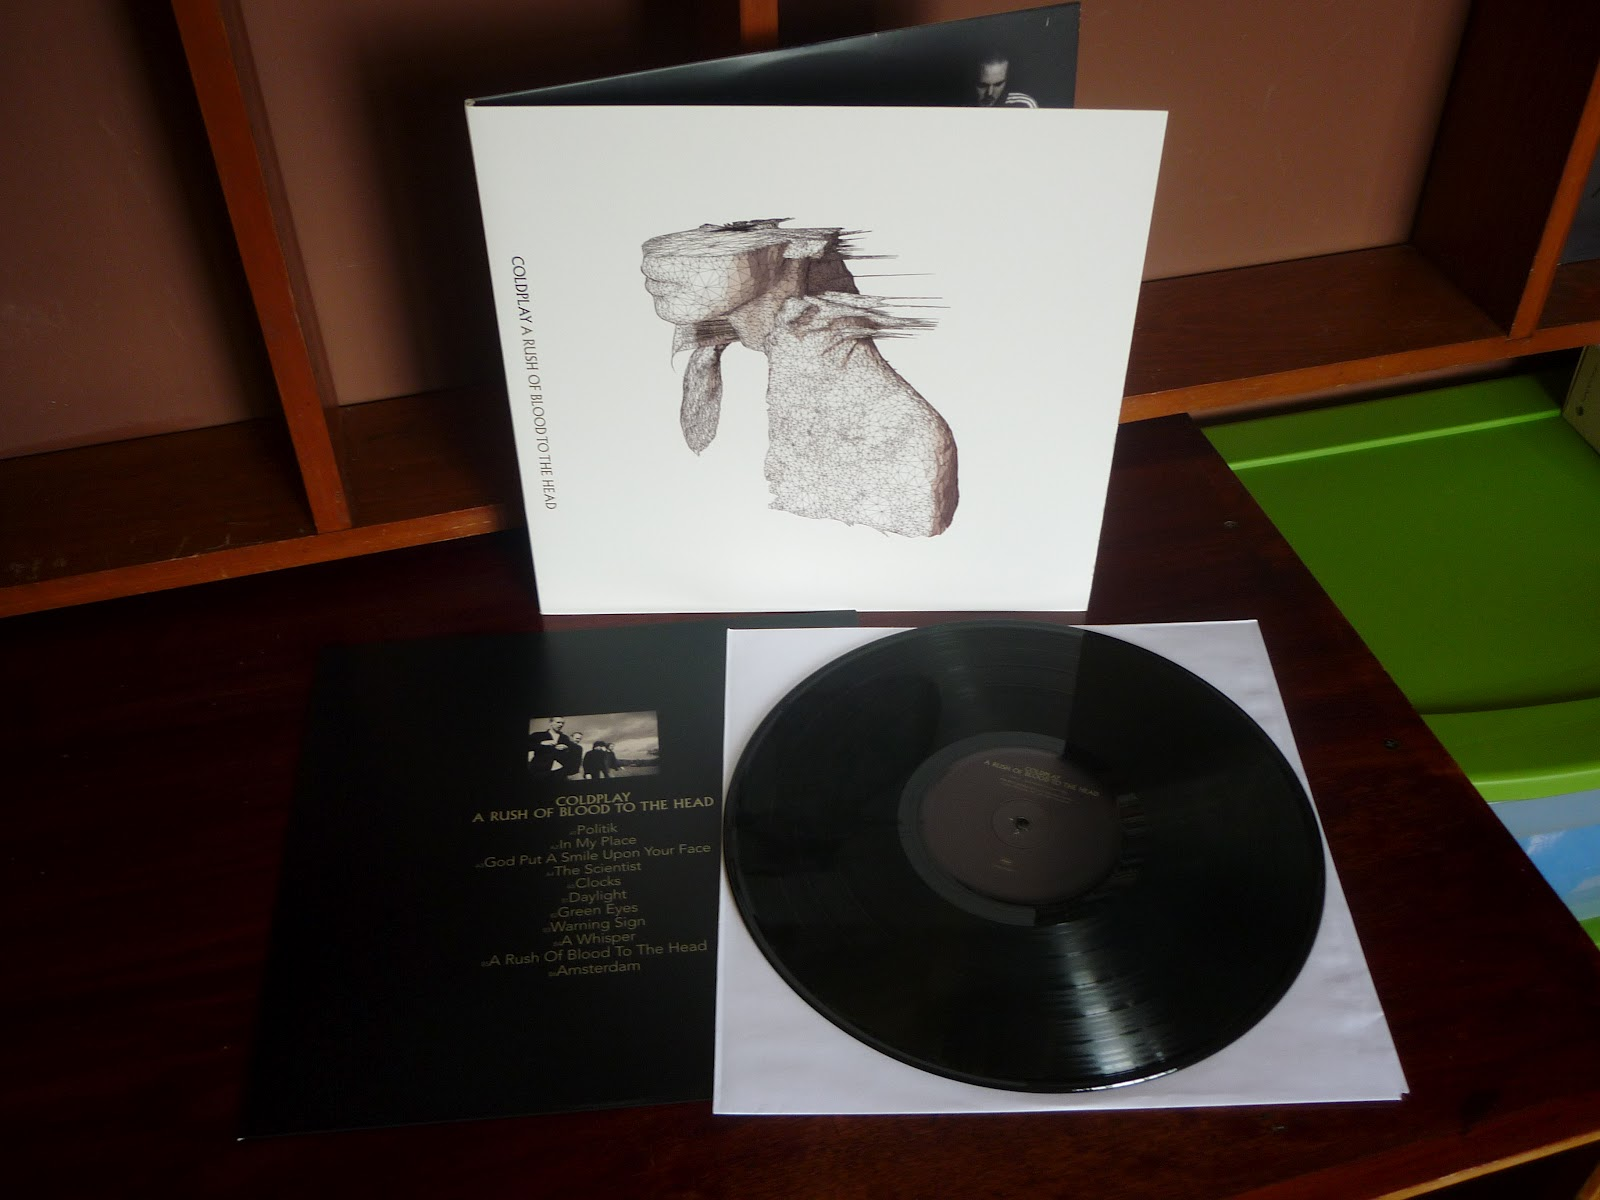 Los Recuerdos Del Capit 225 N Lento Coldplay A Rush Of